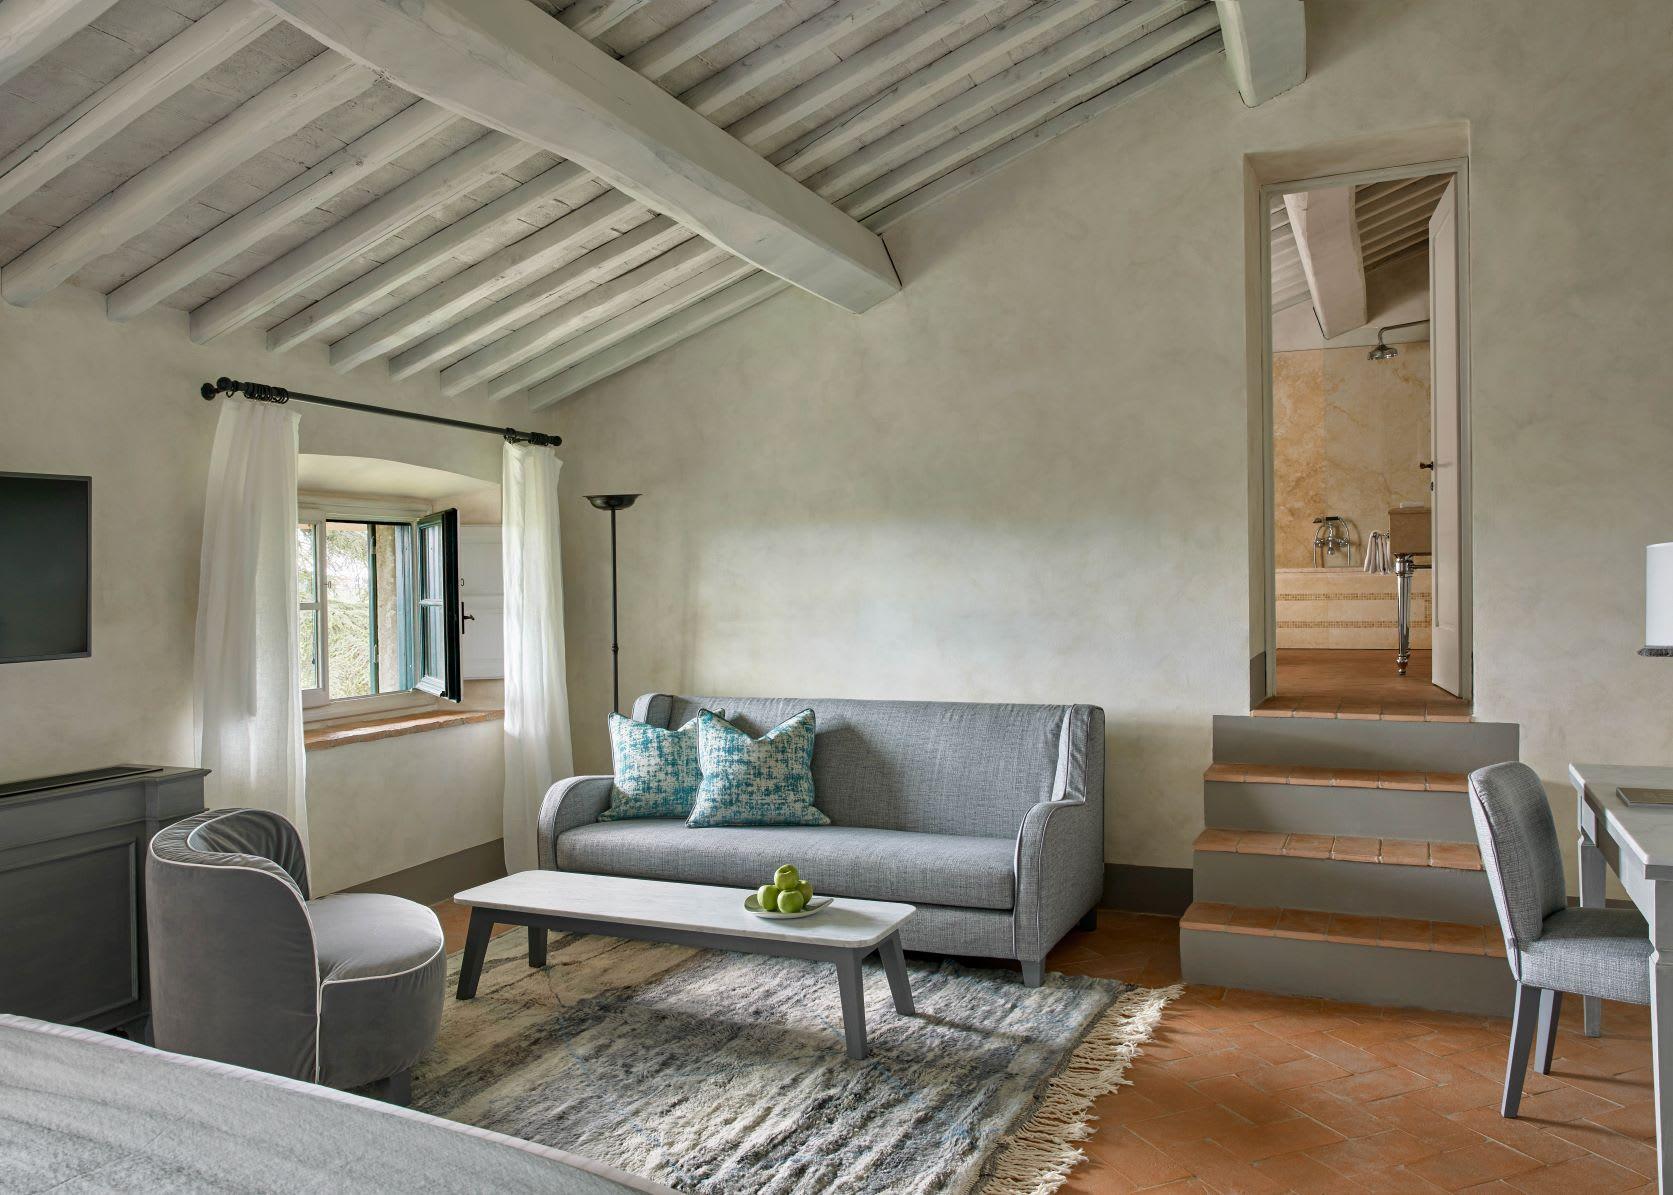 Tavarnelle Room Living Room